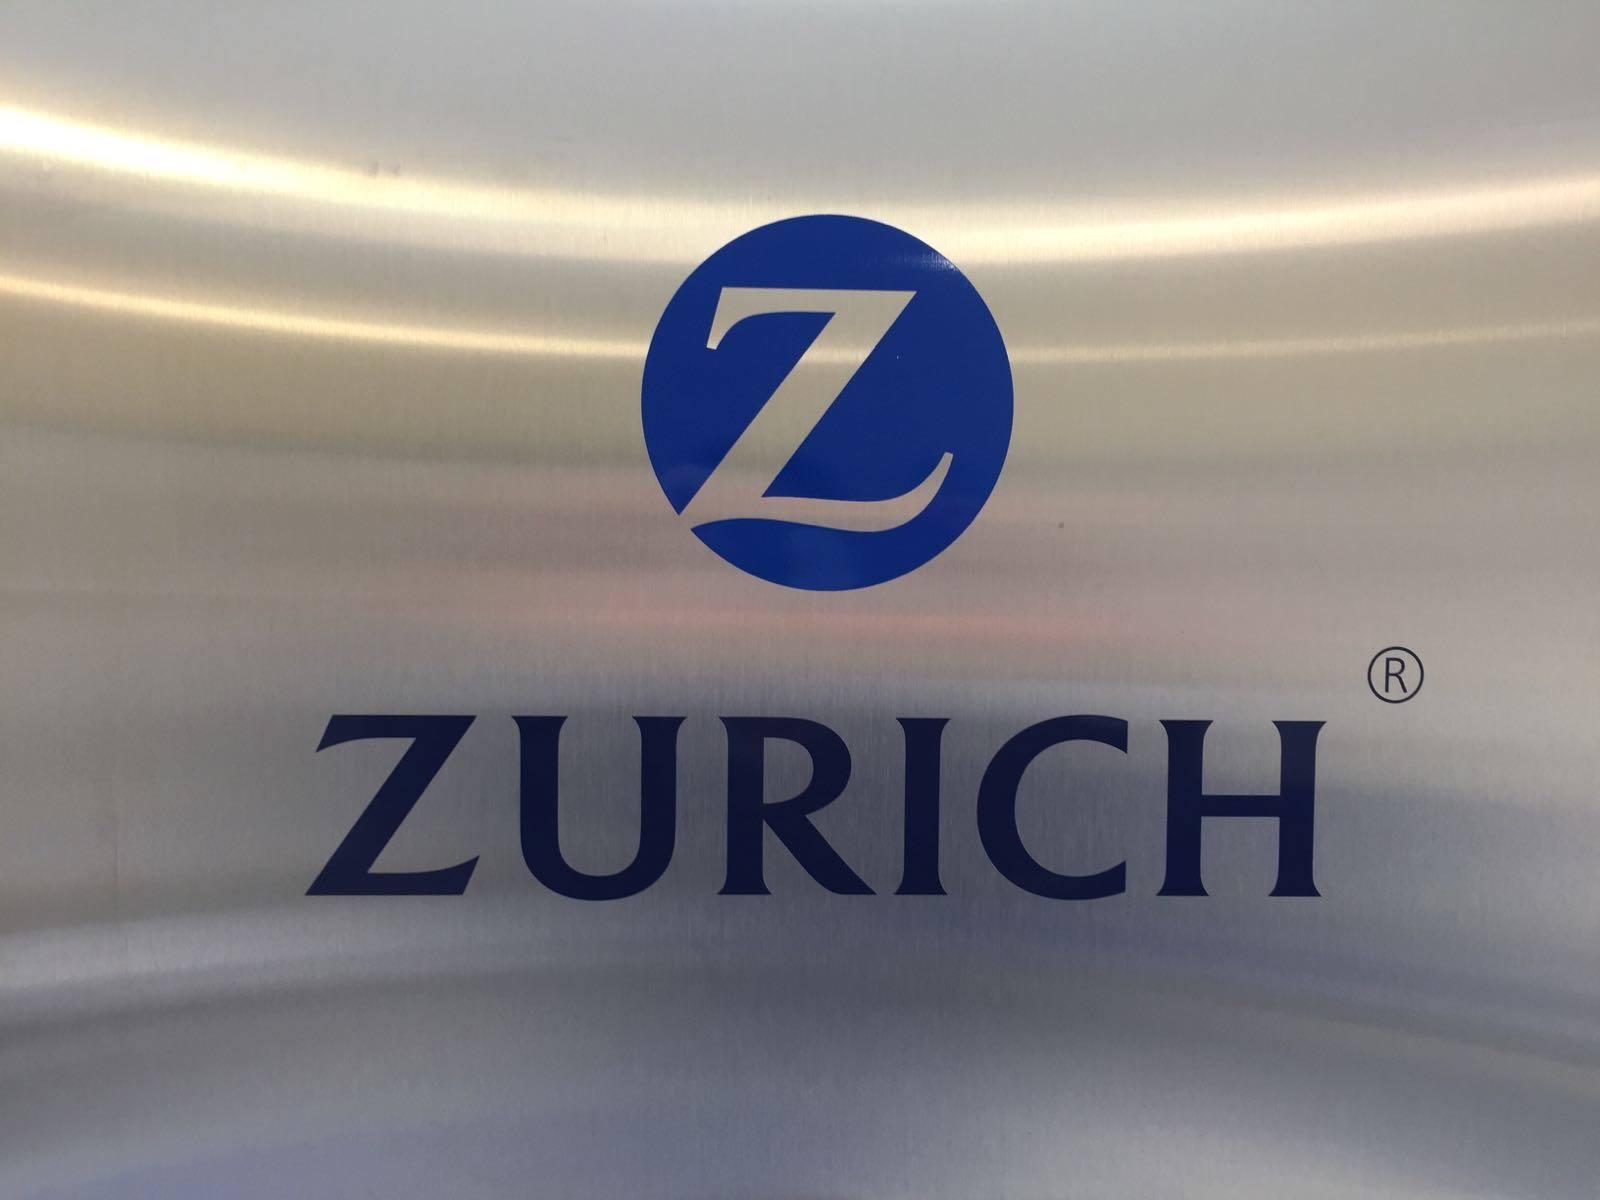 Zurich ganó 3.822 millones de euros en 2019, un 11,6% más